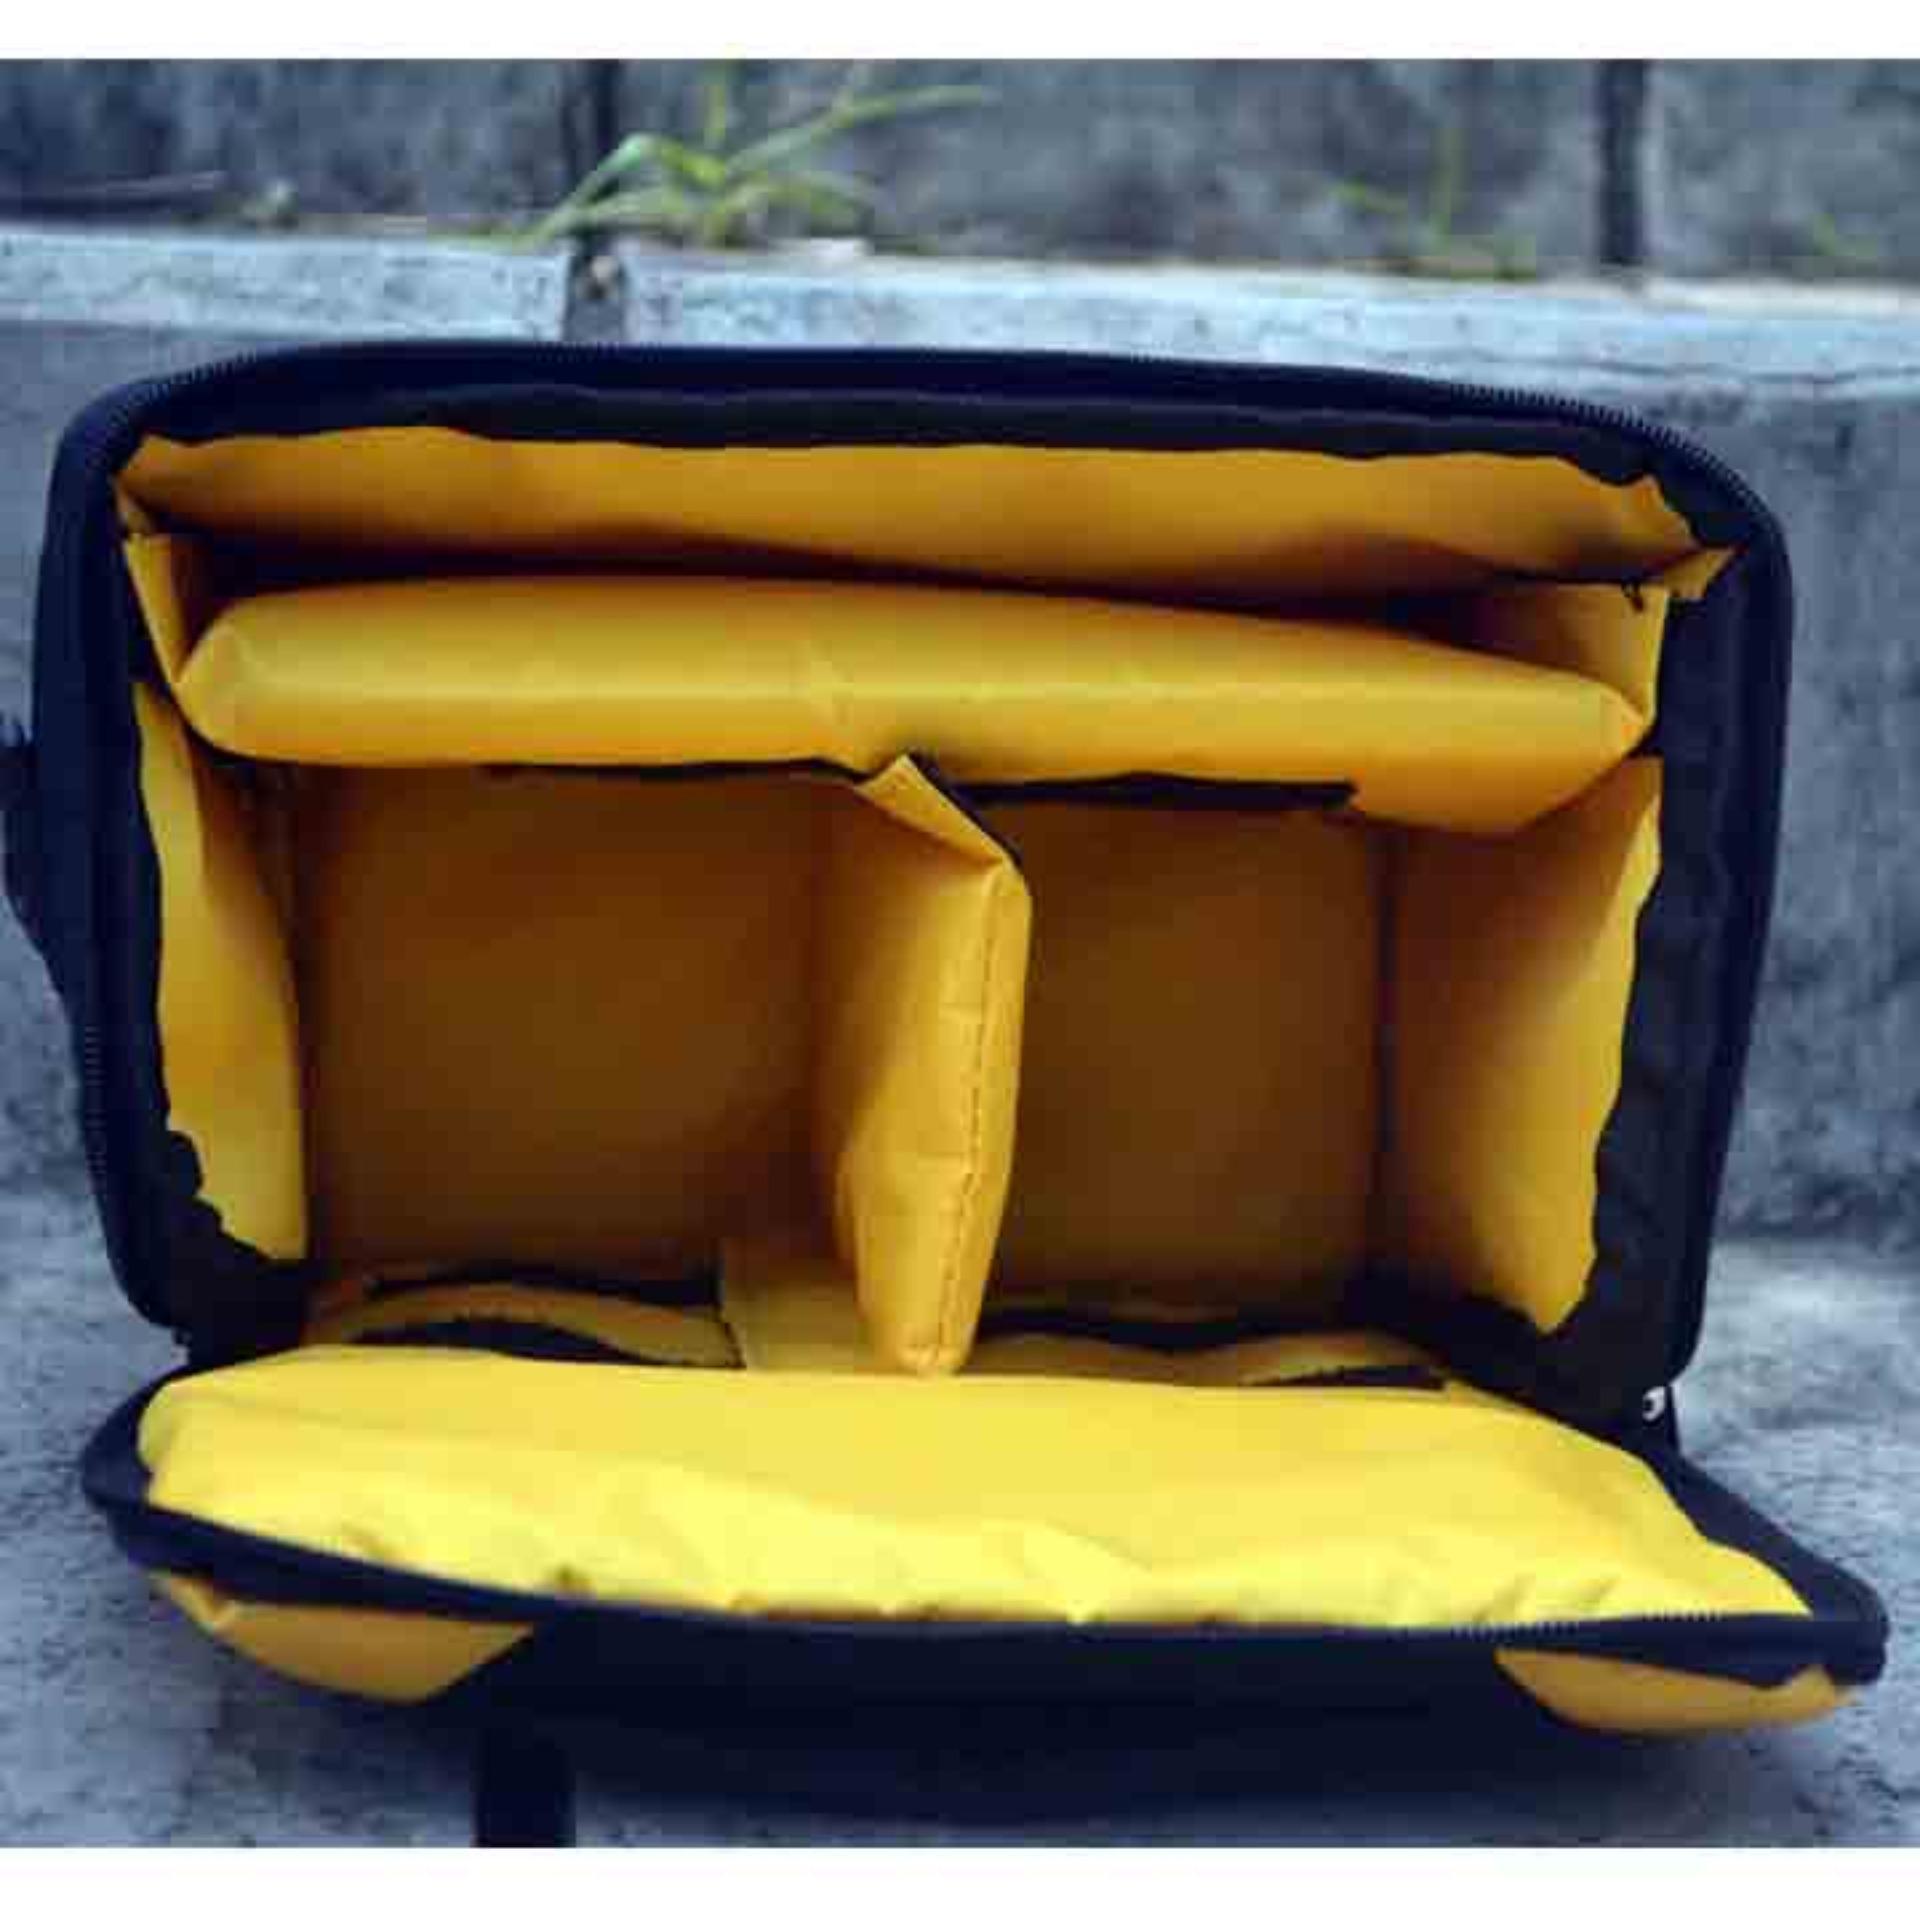 Nikon Tas Kamera Ransel Gratis Jas Hujan Kode W Daftar Harga Backpack Medium National Geographic Natgeo Selempang Kotak Rain Cover